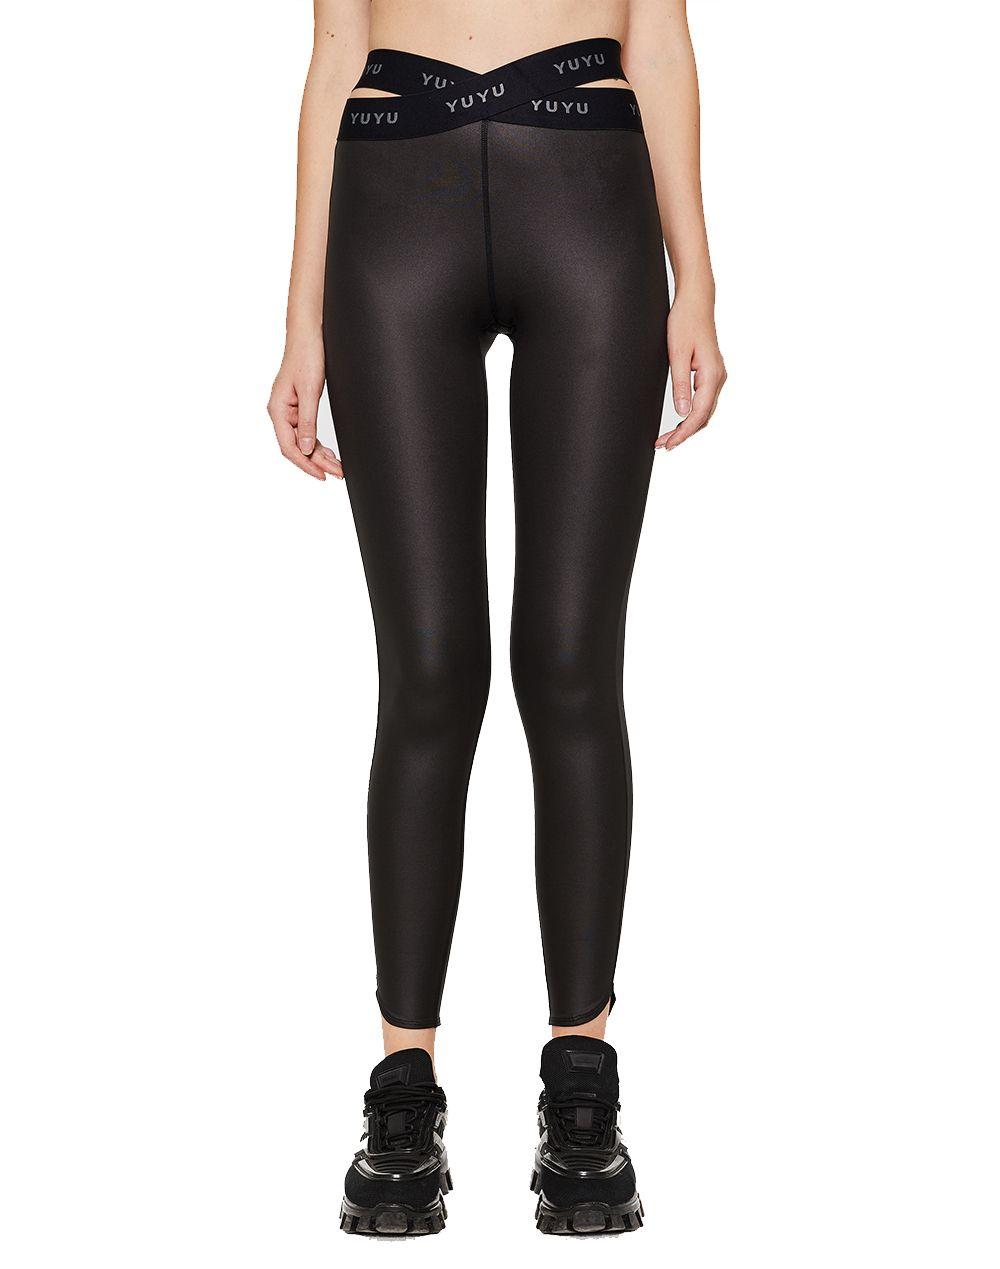 V2.02 Leather legging-YUYU